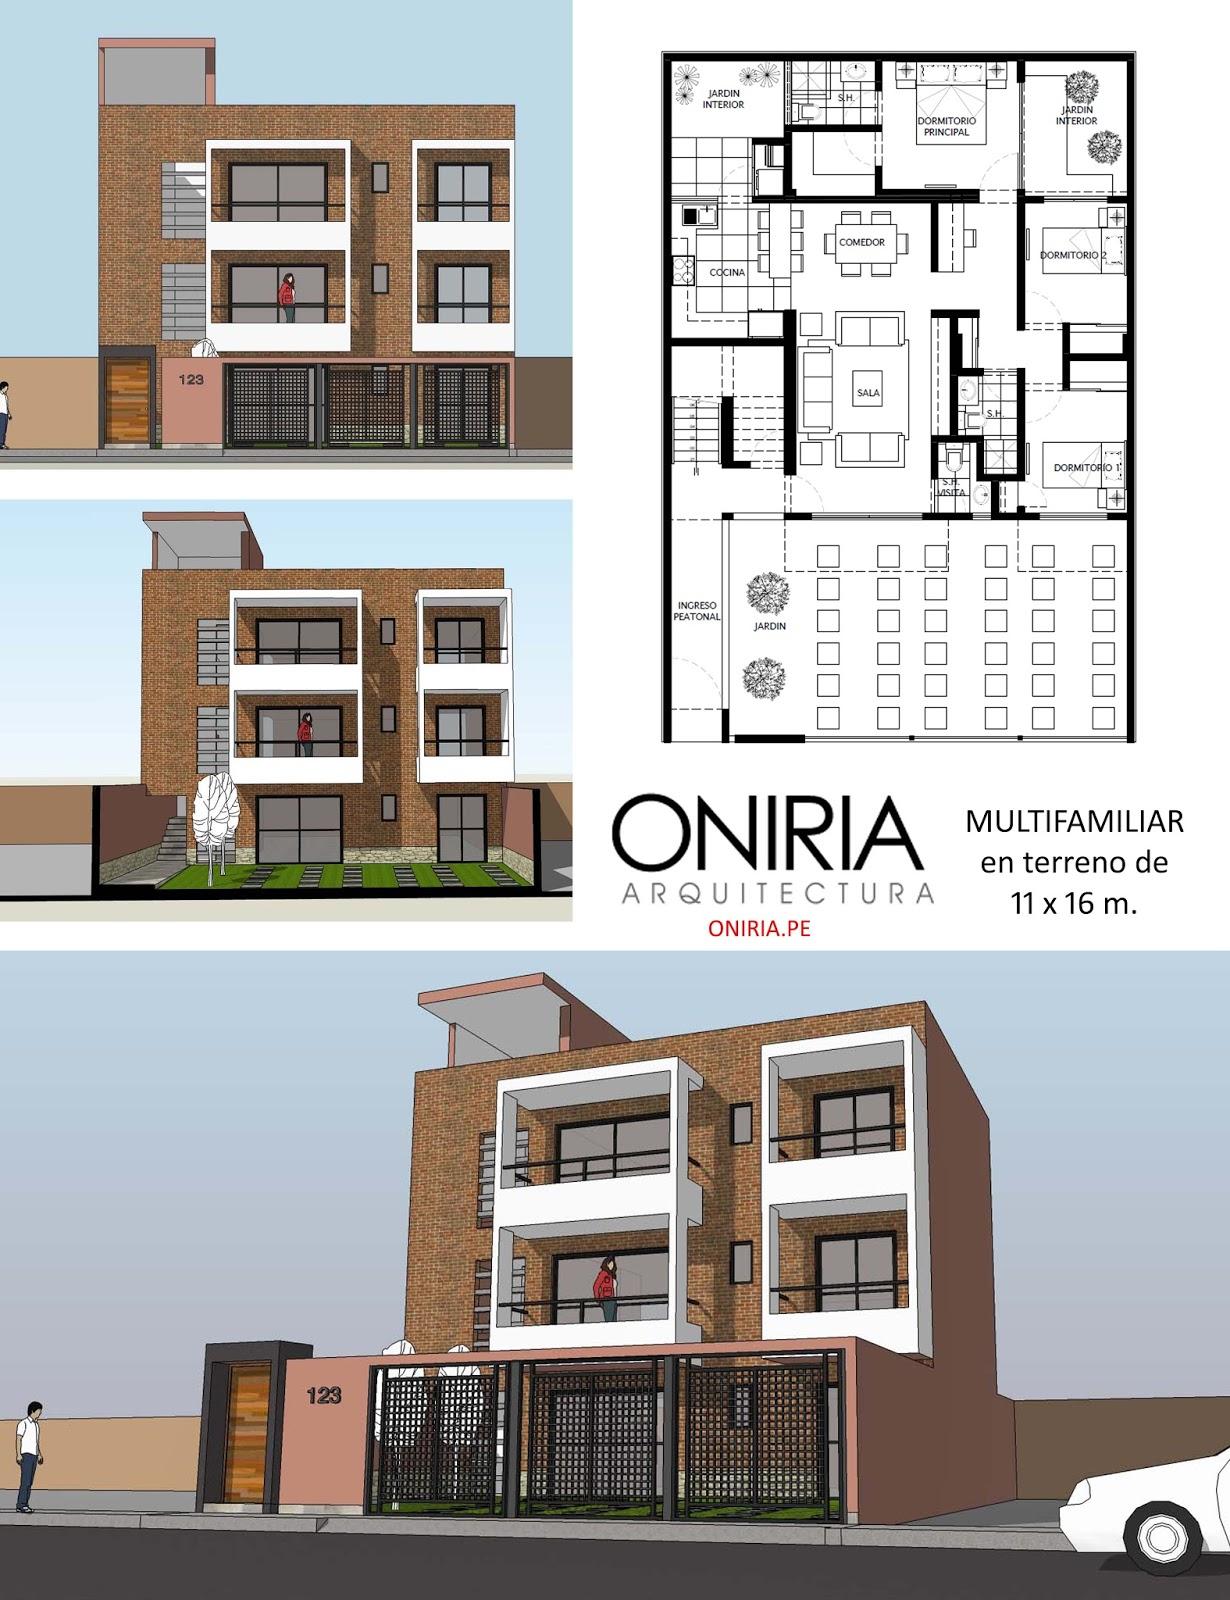 Cristian campos dise o de vivienda multifamiliar en for Vivienda minimalista planos